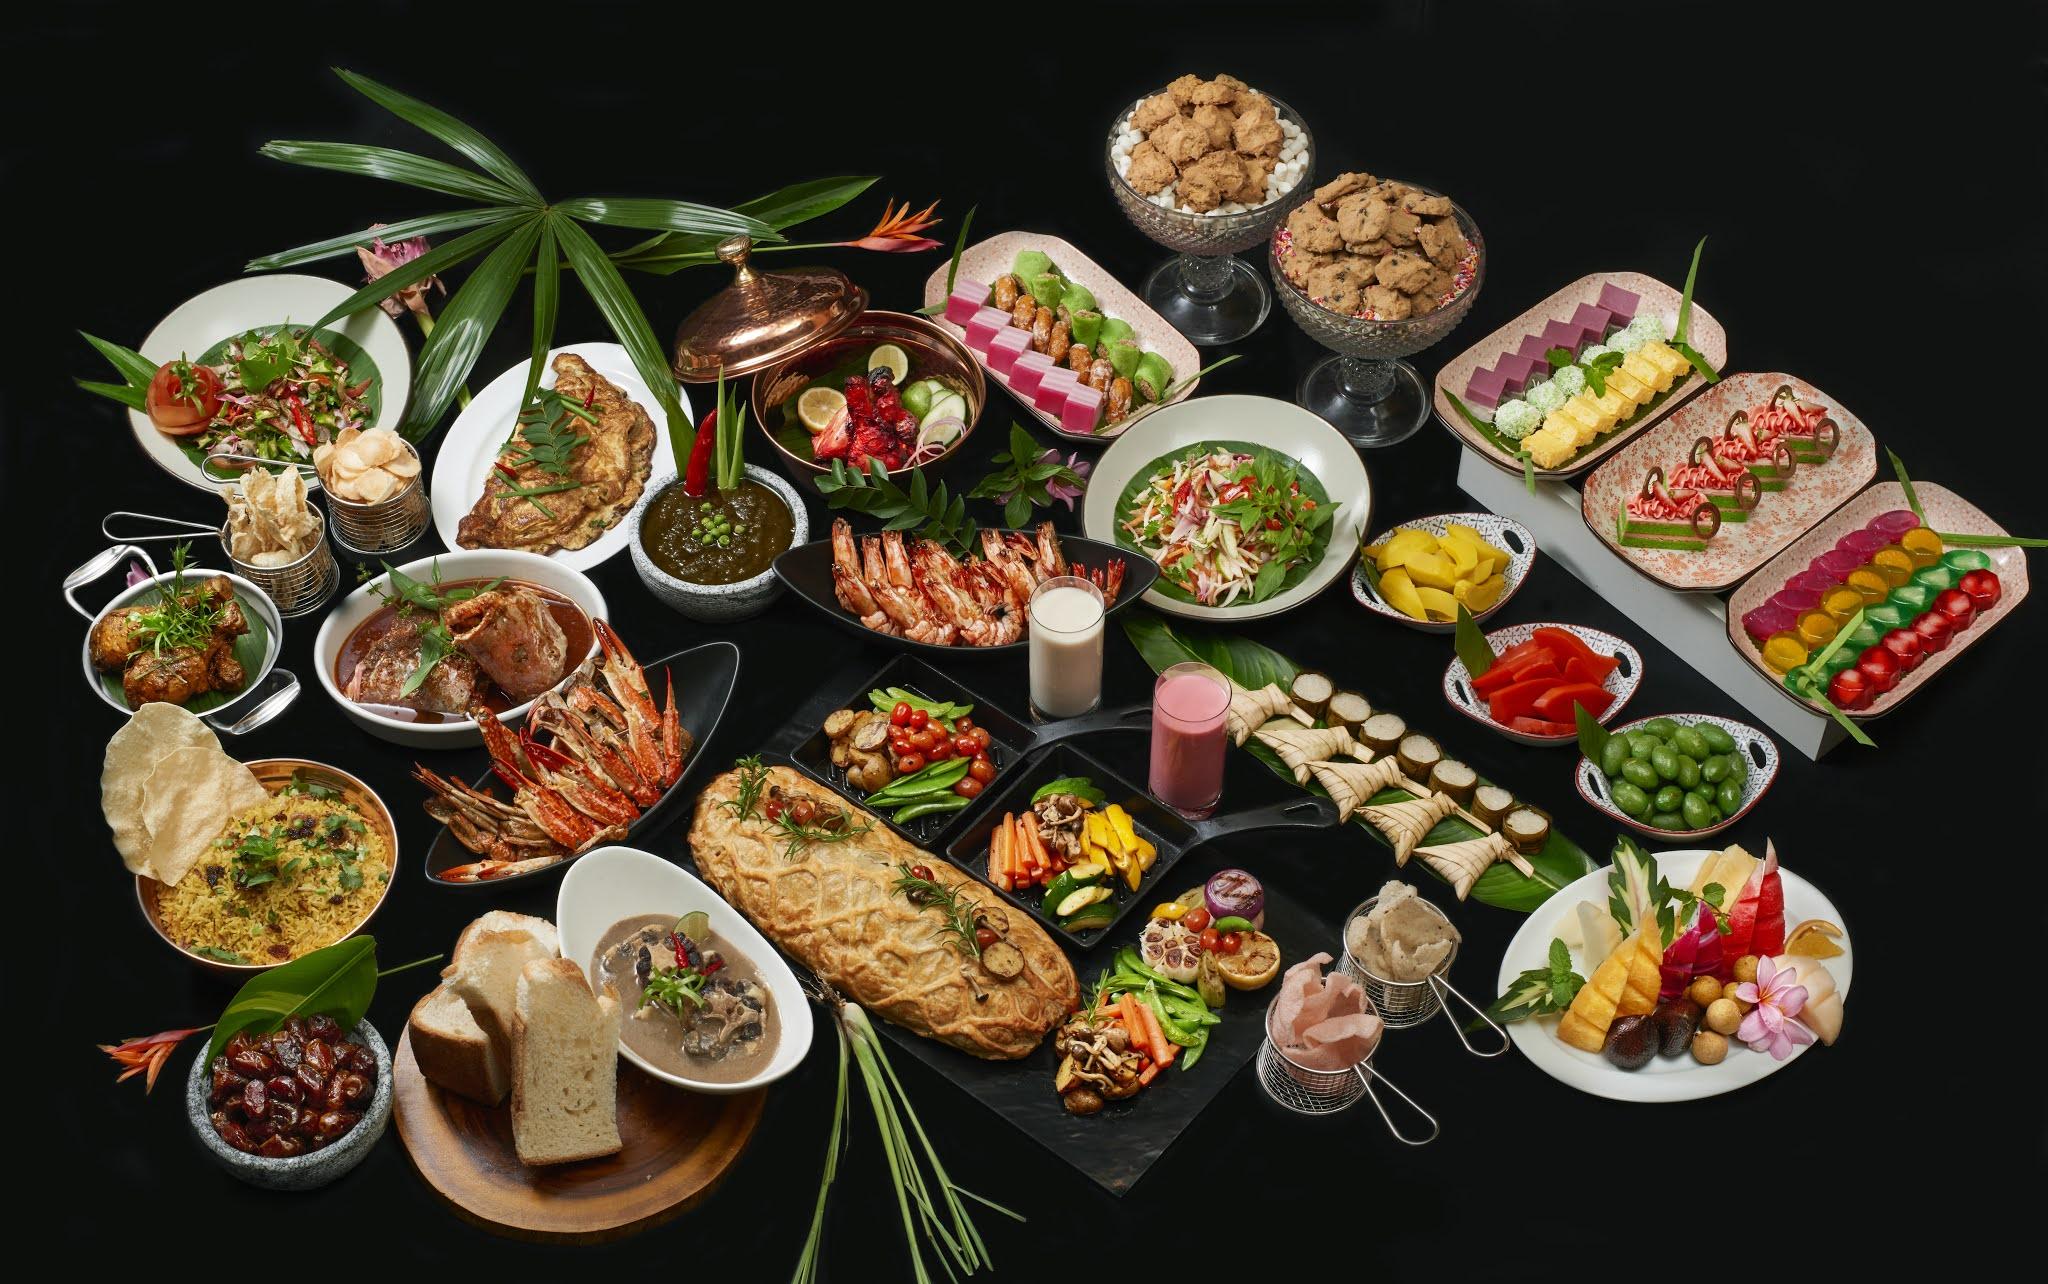 Promosi bufet ramadhan 2021